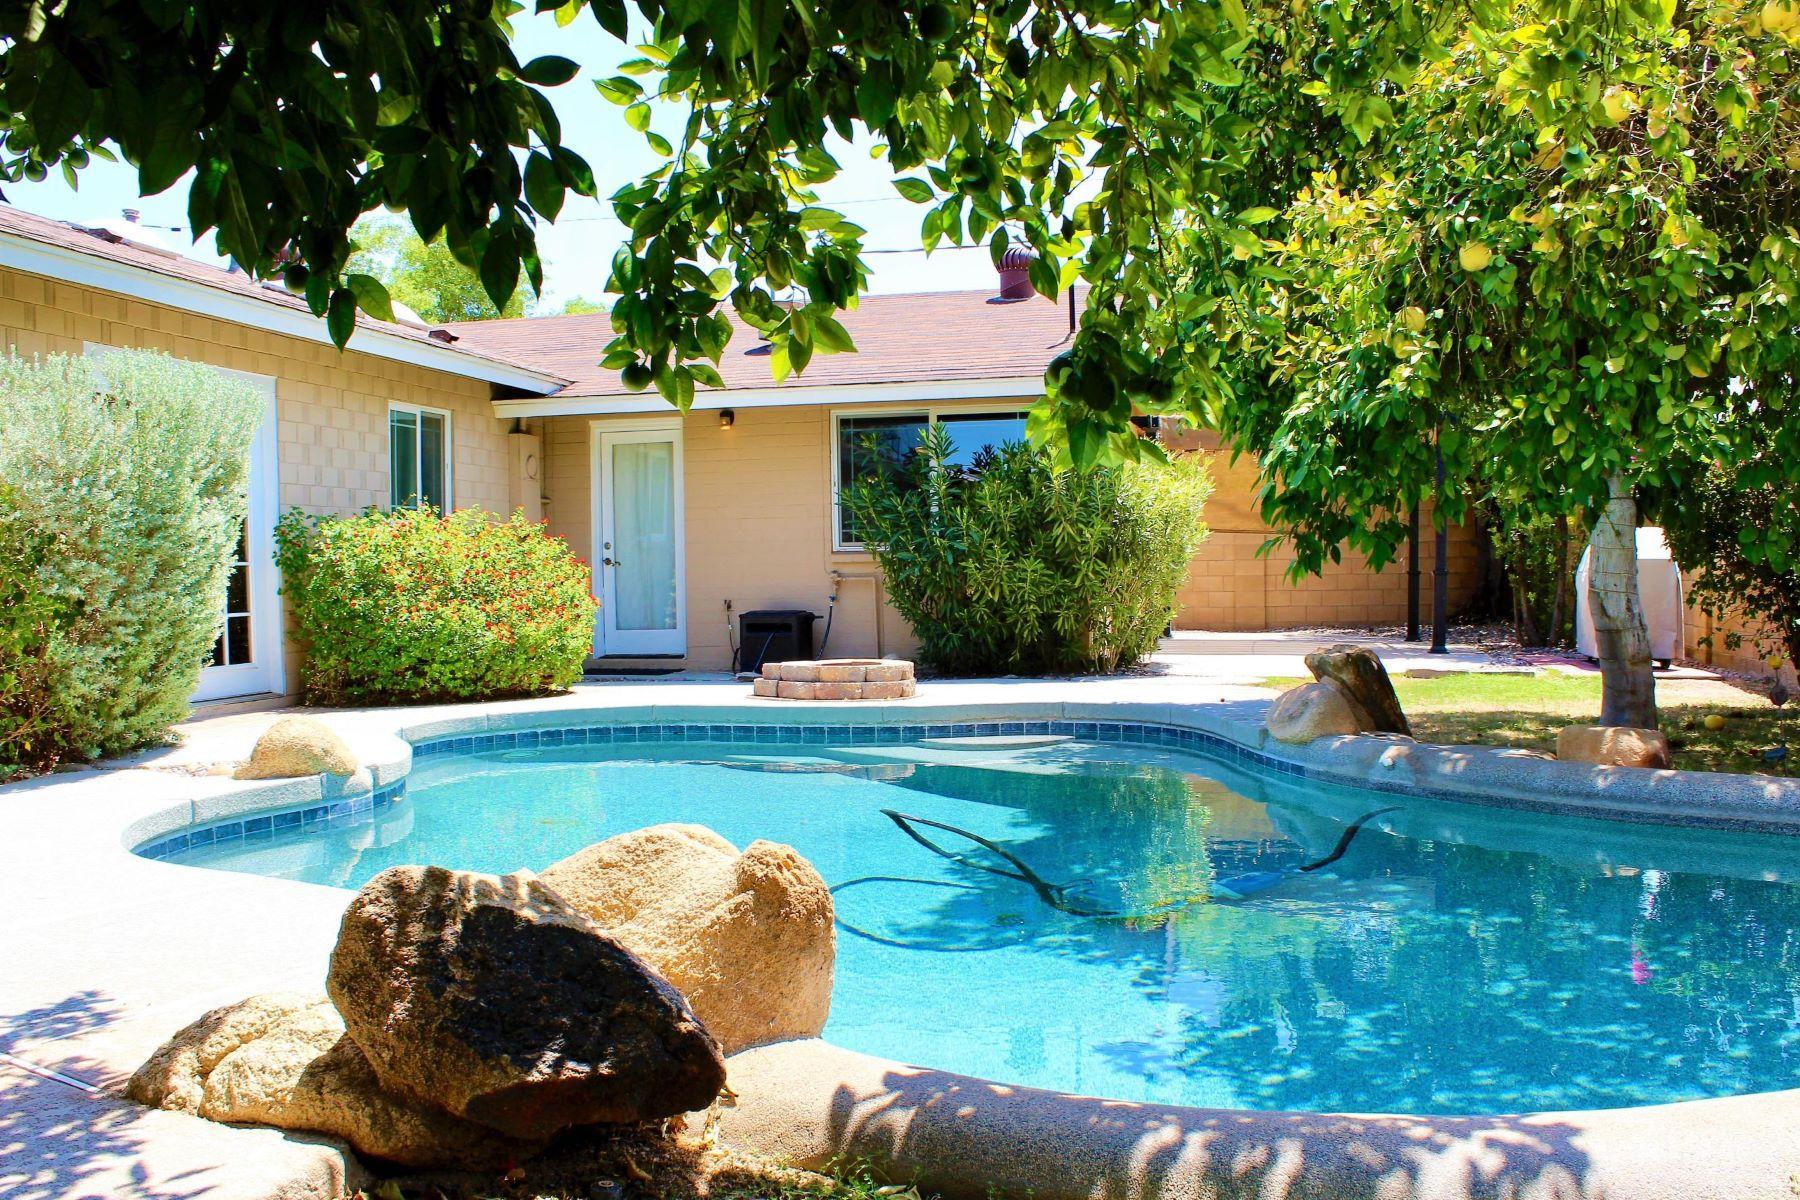 獨棟家庭住宅 為 出售 在 Updated single-level home n the heart of Old Town 8213 E Fairmount Ave Scottsdale, 亞利桑那州, 85251 美國